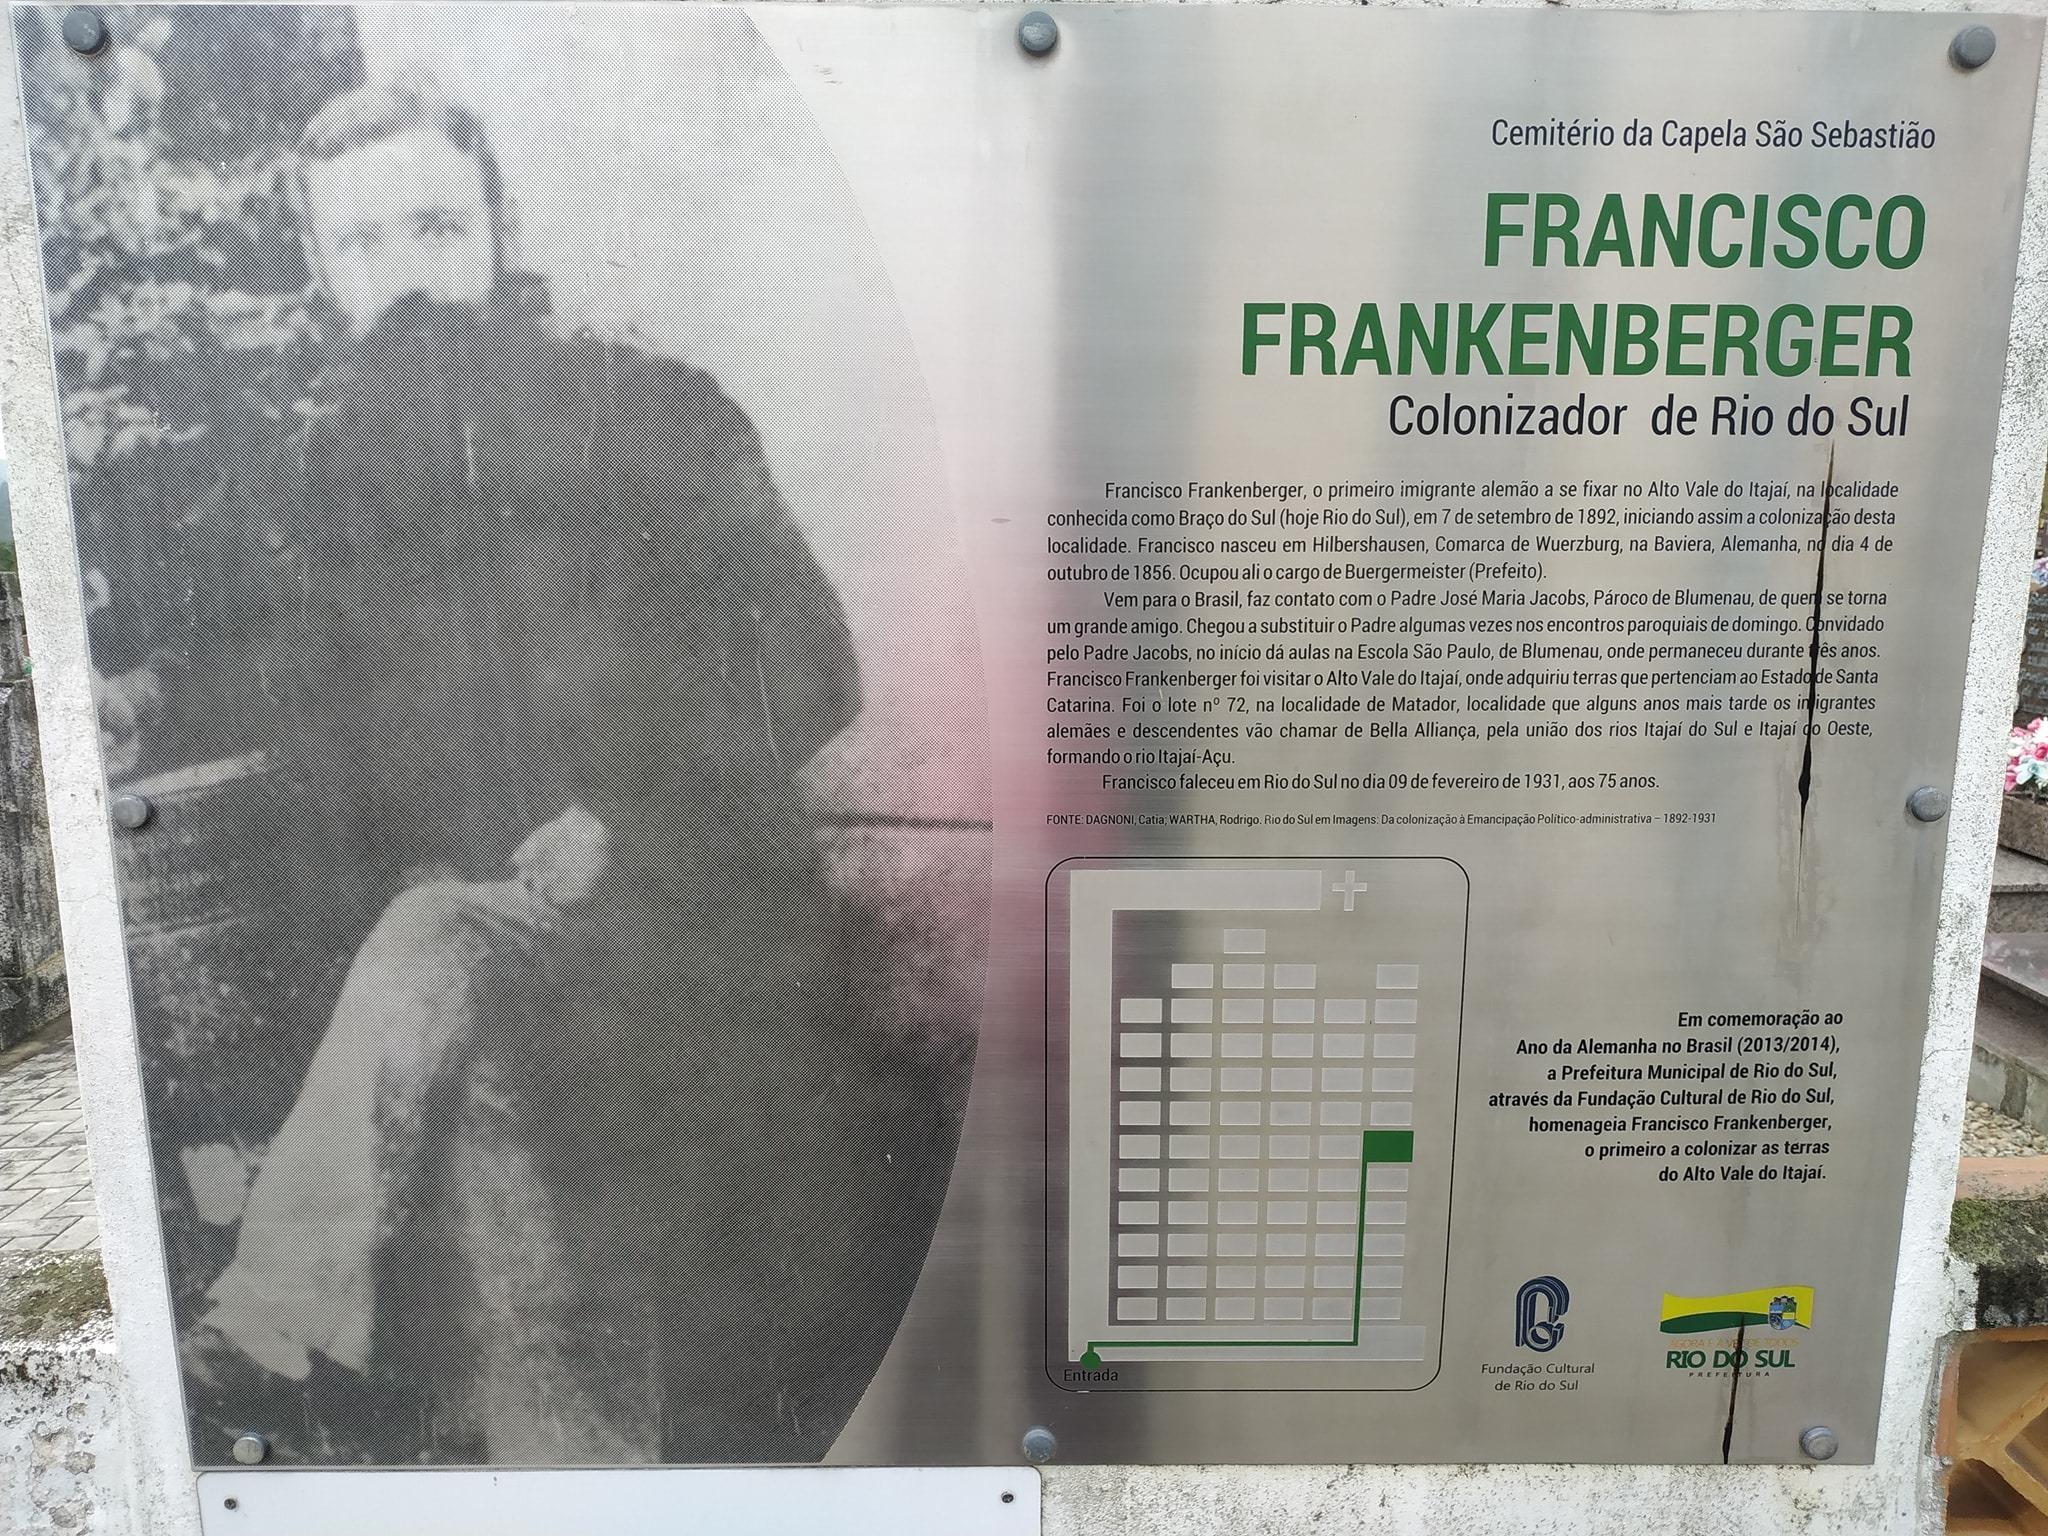 Francisco Frankenberger, o primeiro imigrante alemão a se fixar no Alto Vale do Itajaí, na localidade conhecida como Braço do Sul (hoje Rio do Sul)